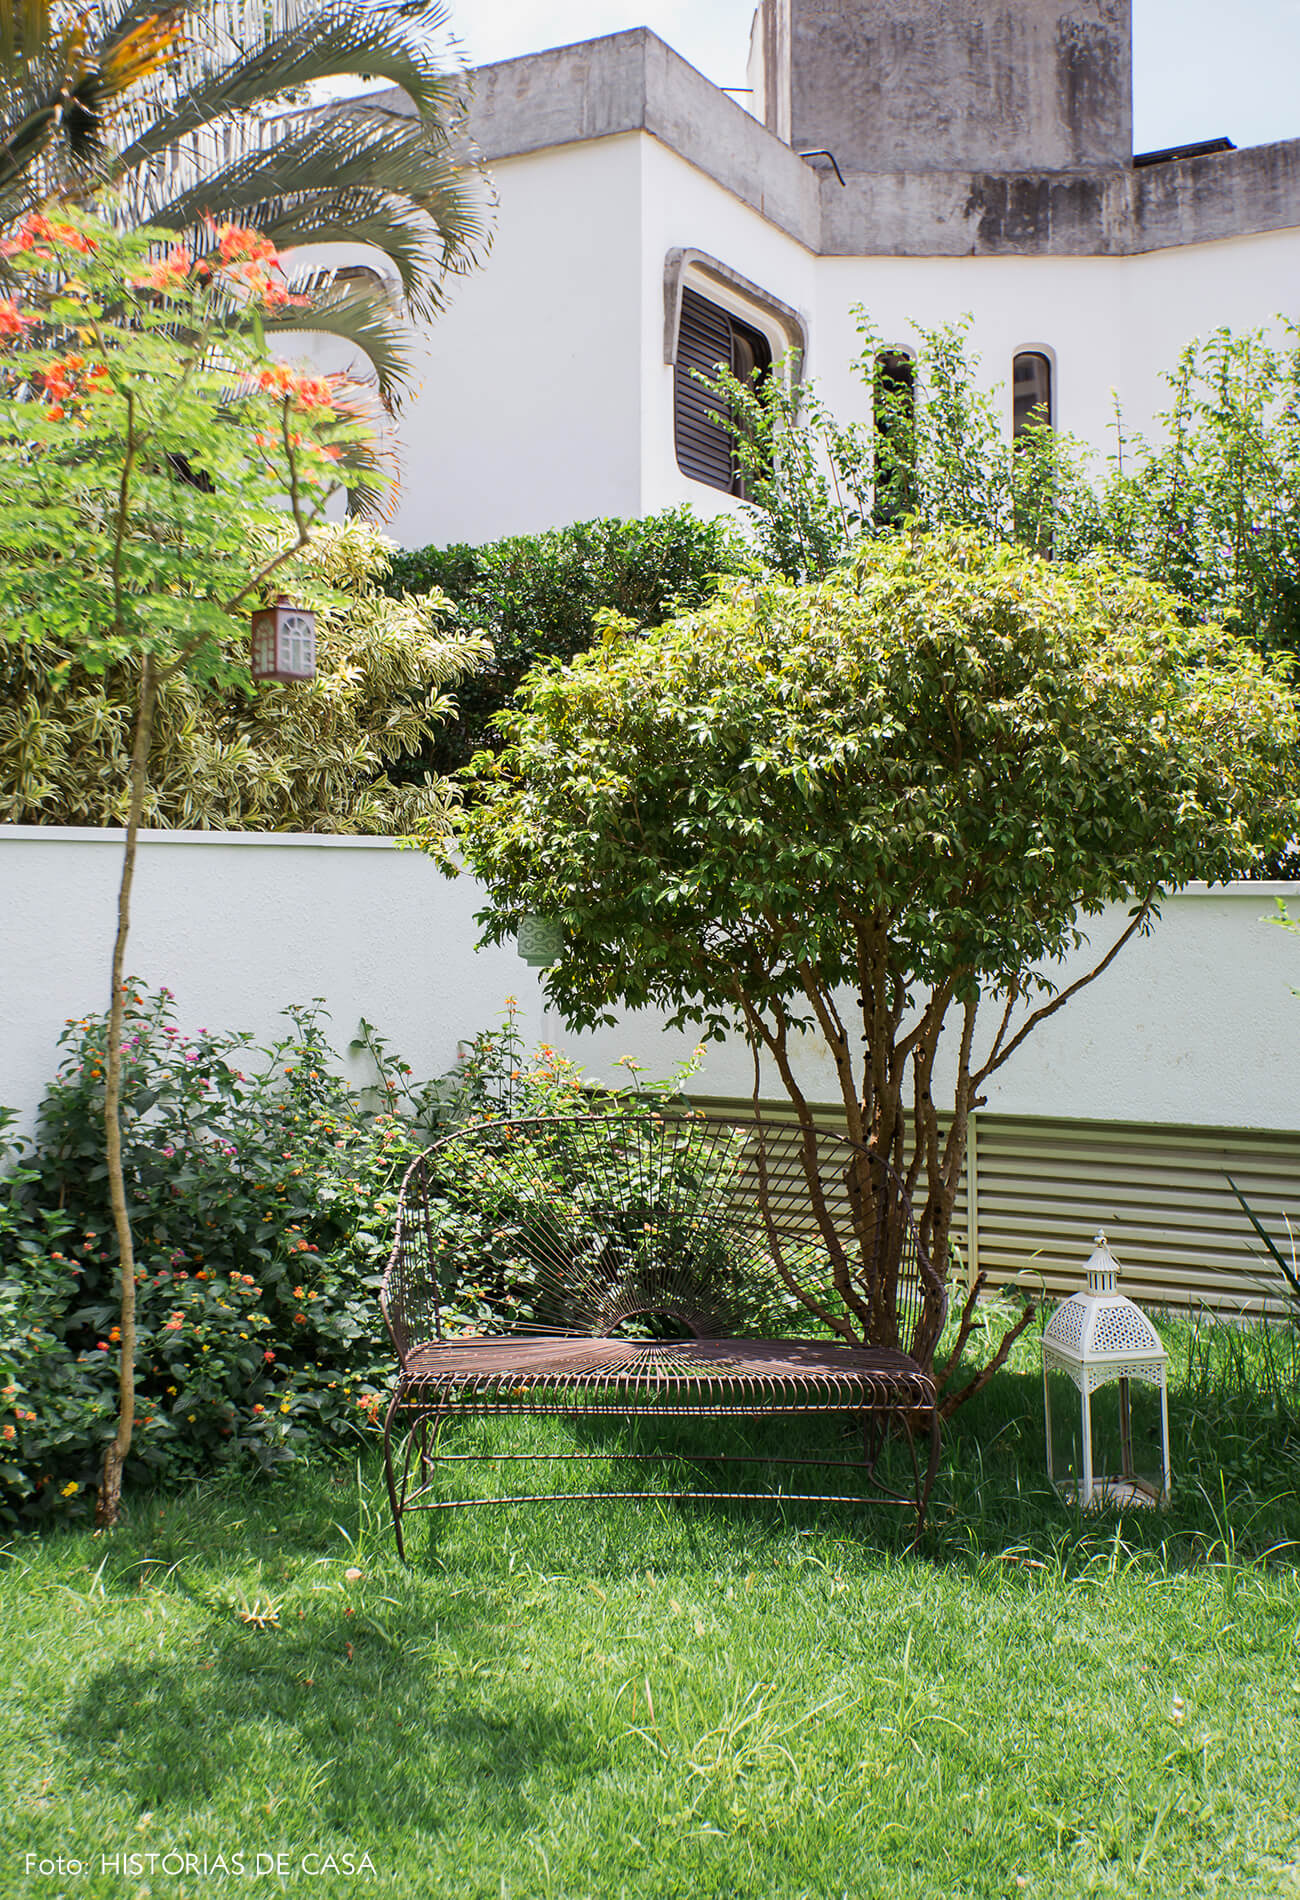 Apartamento térreo com jardim, rede de balanço e plantas